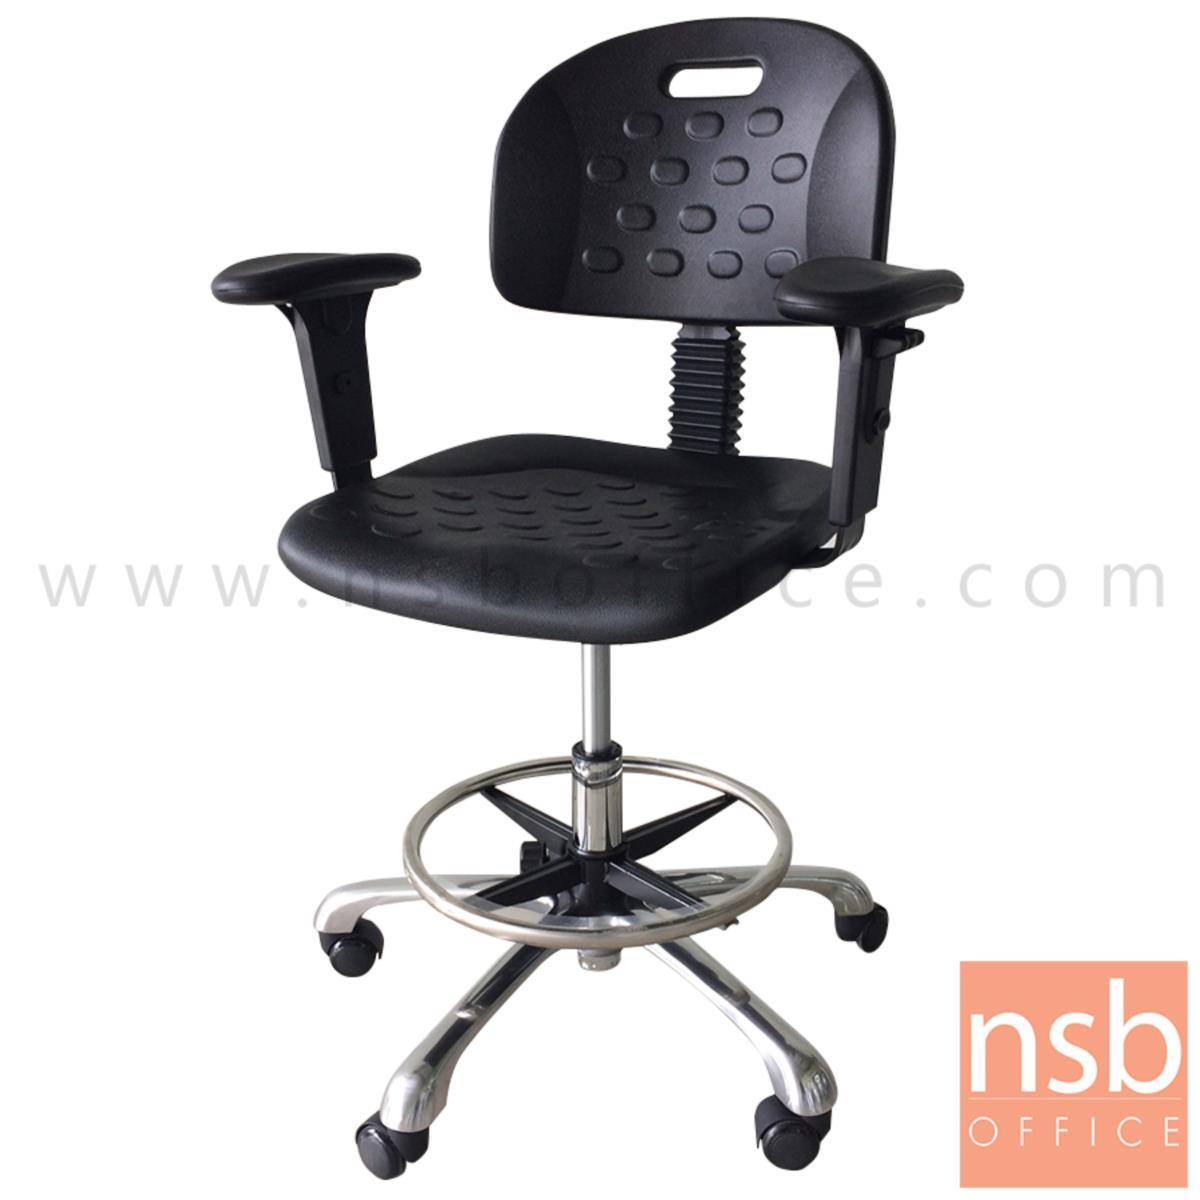 B02A099:เก้าอี้บาร์แบบมีท้าวแขน รุ่น Bronson (บรอนสัน)  โช๊คแก๊ส ขาอลูมิเนียม